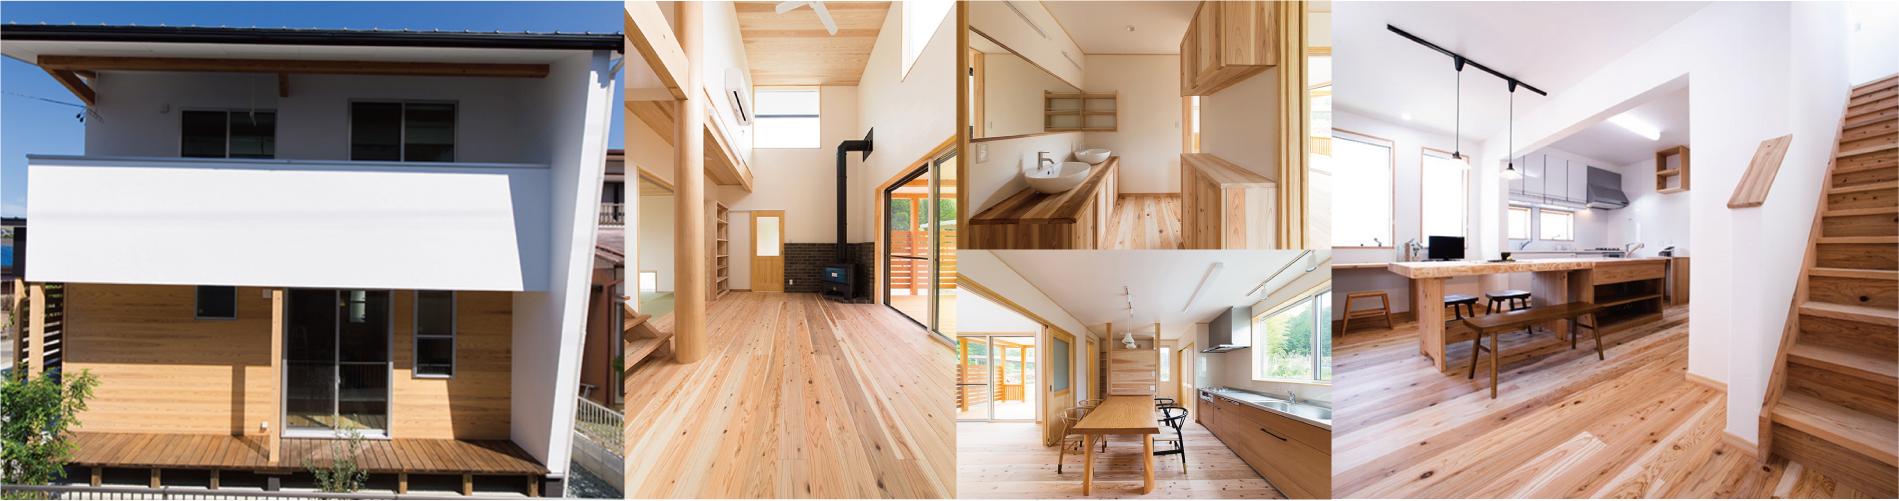 志摩市の注文住宅・新築一戸建て、平屋、実例、施工例